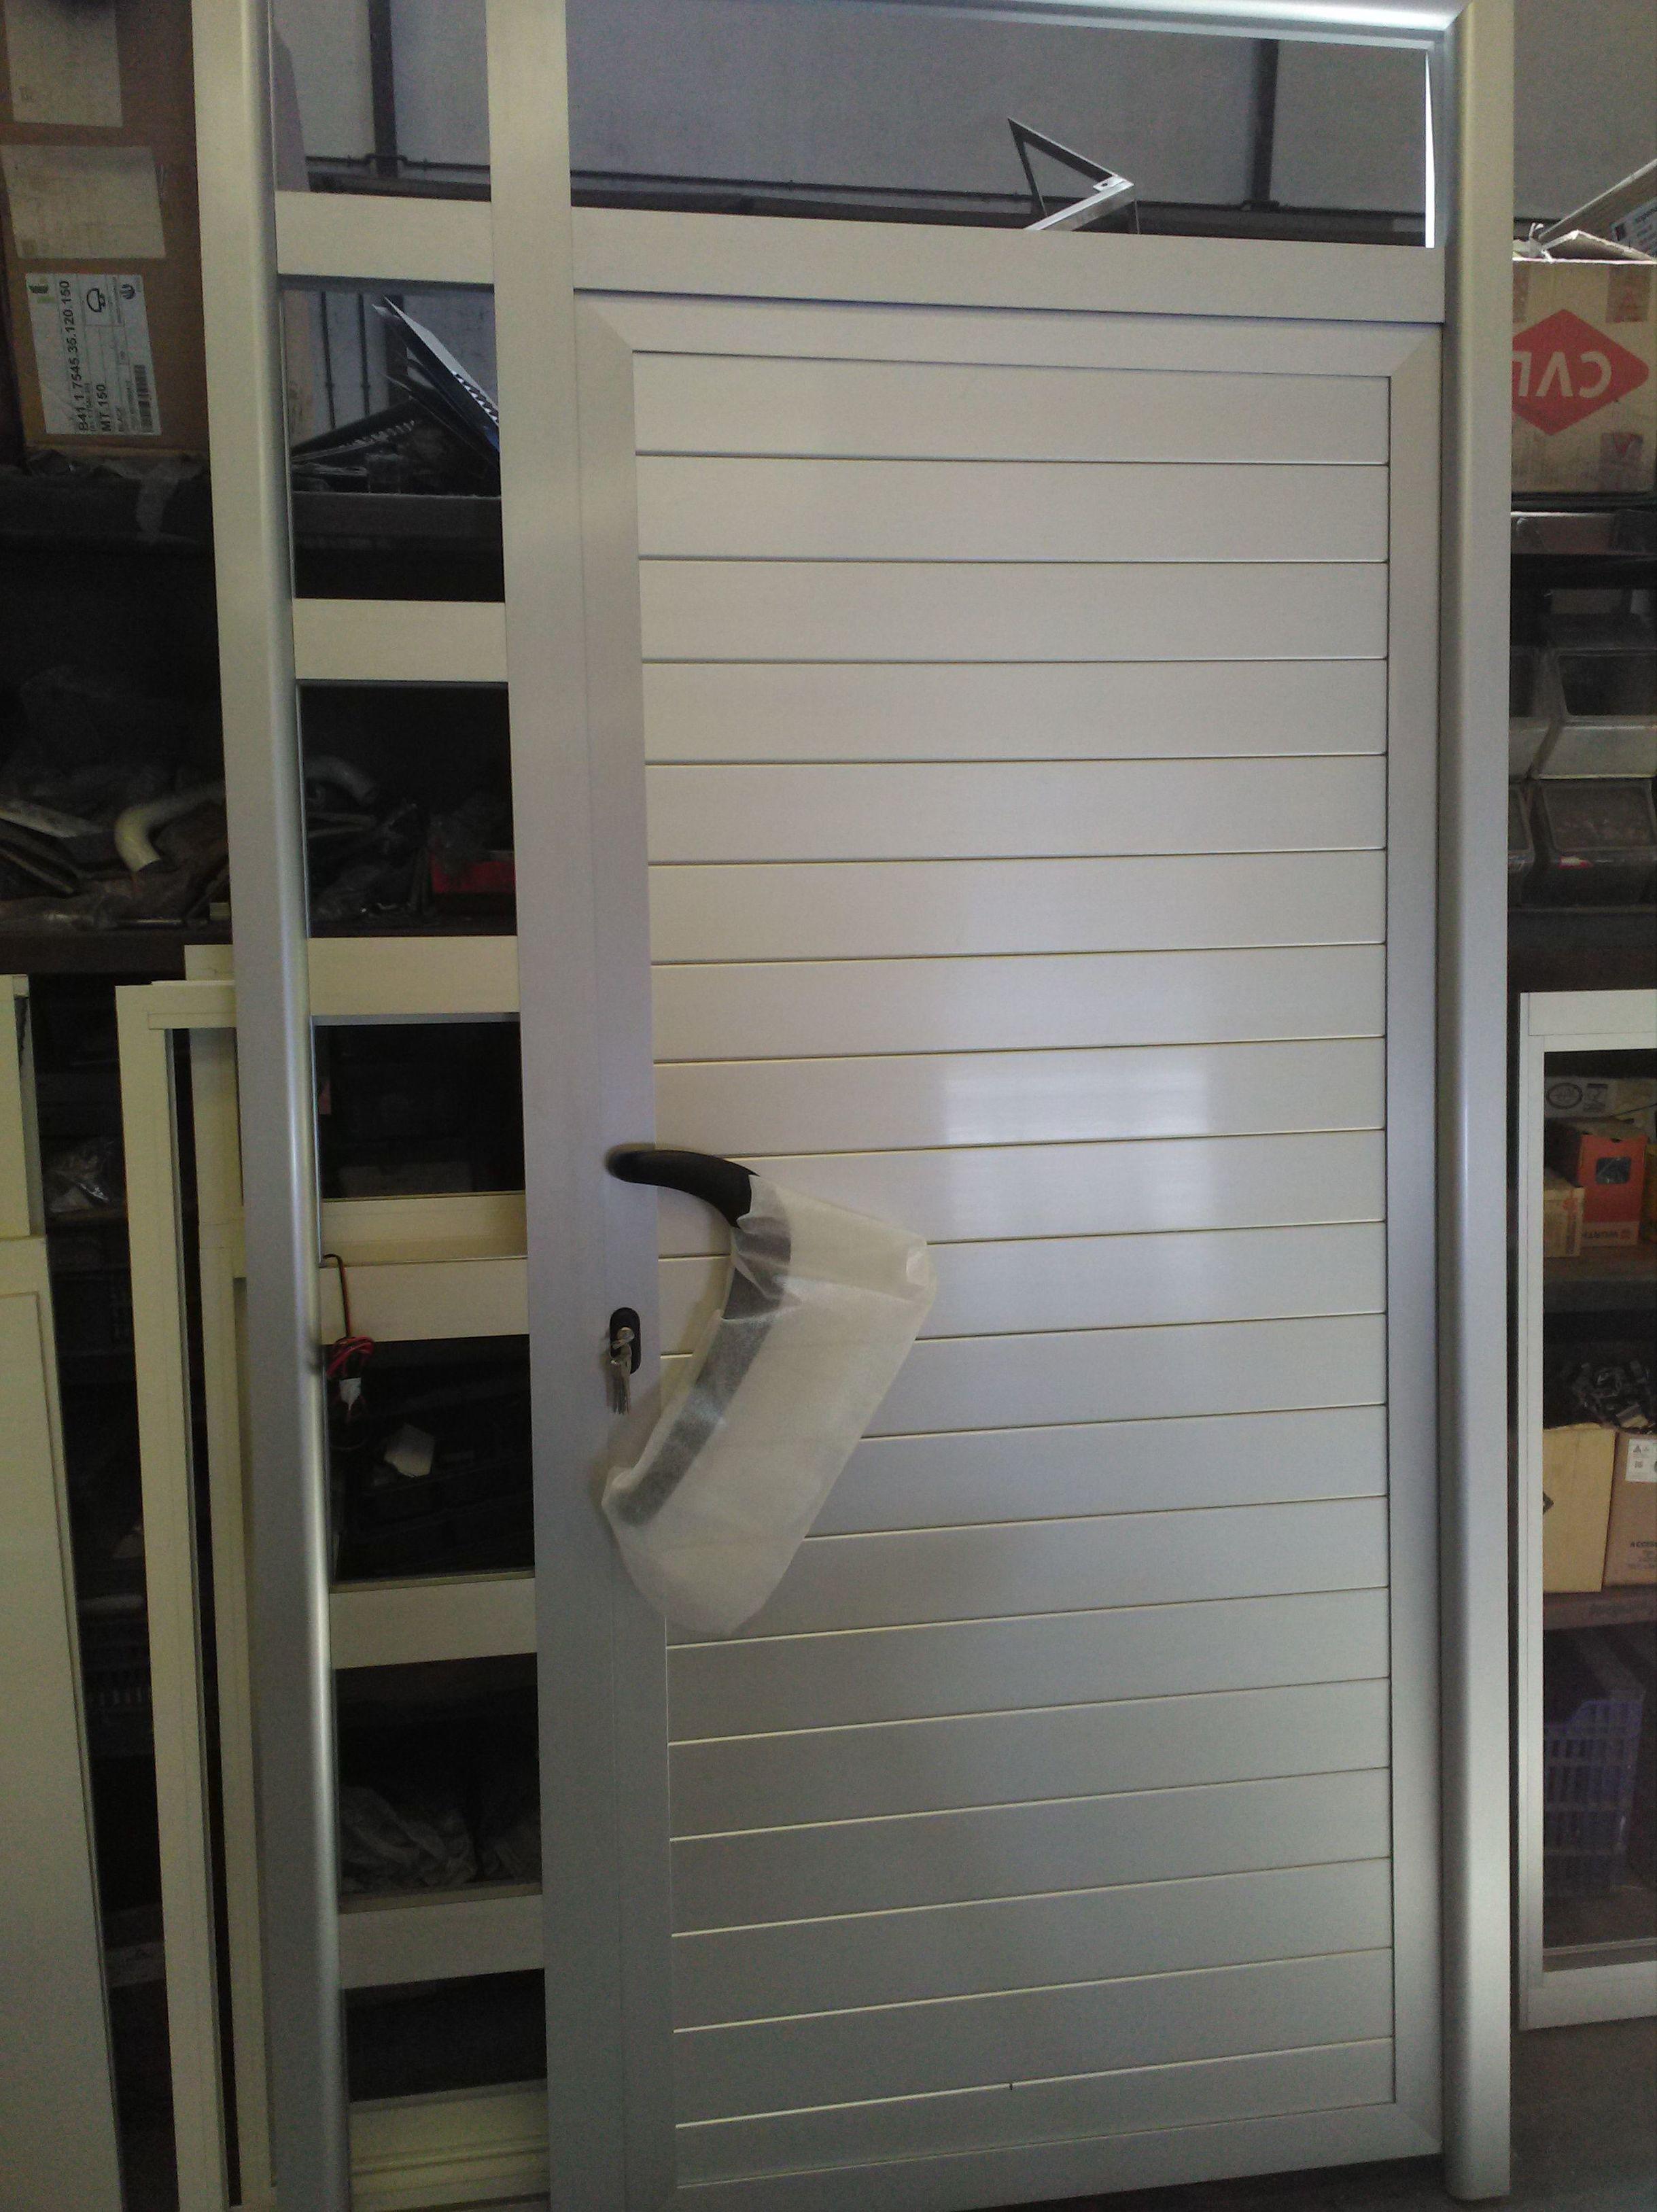 Foto 134 de Carpintería de aluminio, metálica y PVC en  | Exposición, Carpintería de aluminio- toldos-cerrajeria - reformas del hogar.